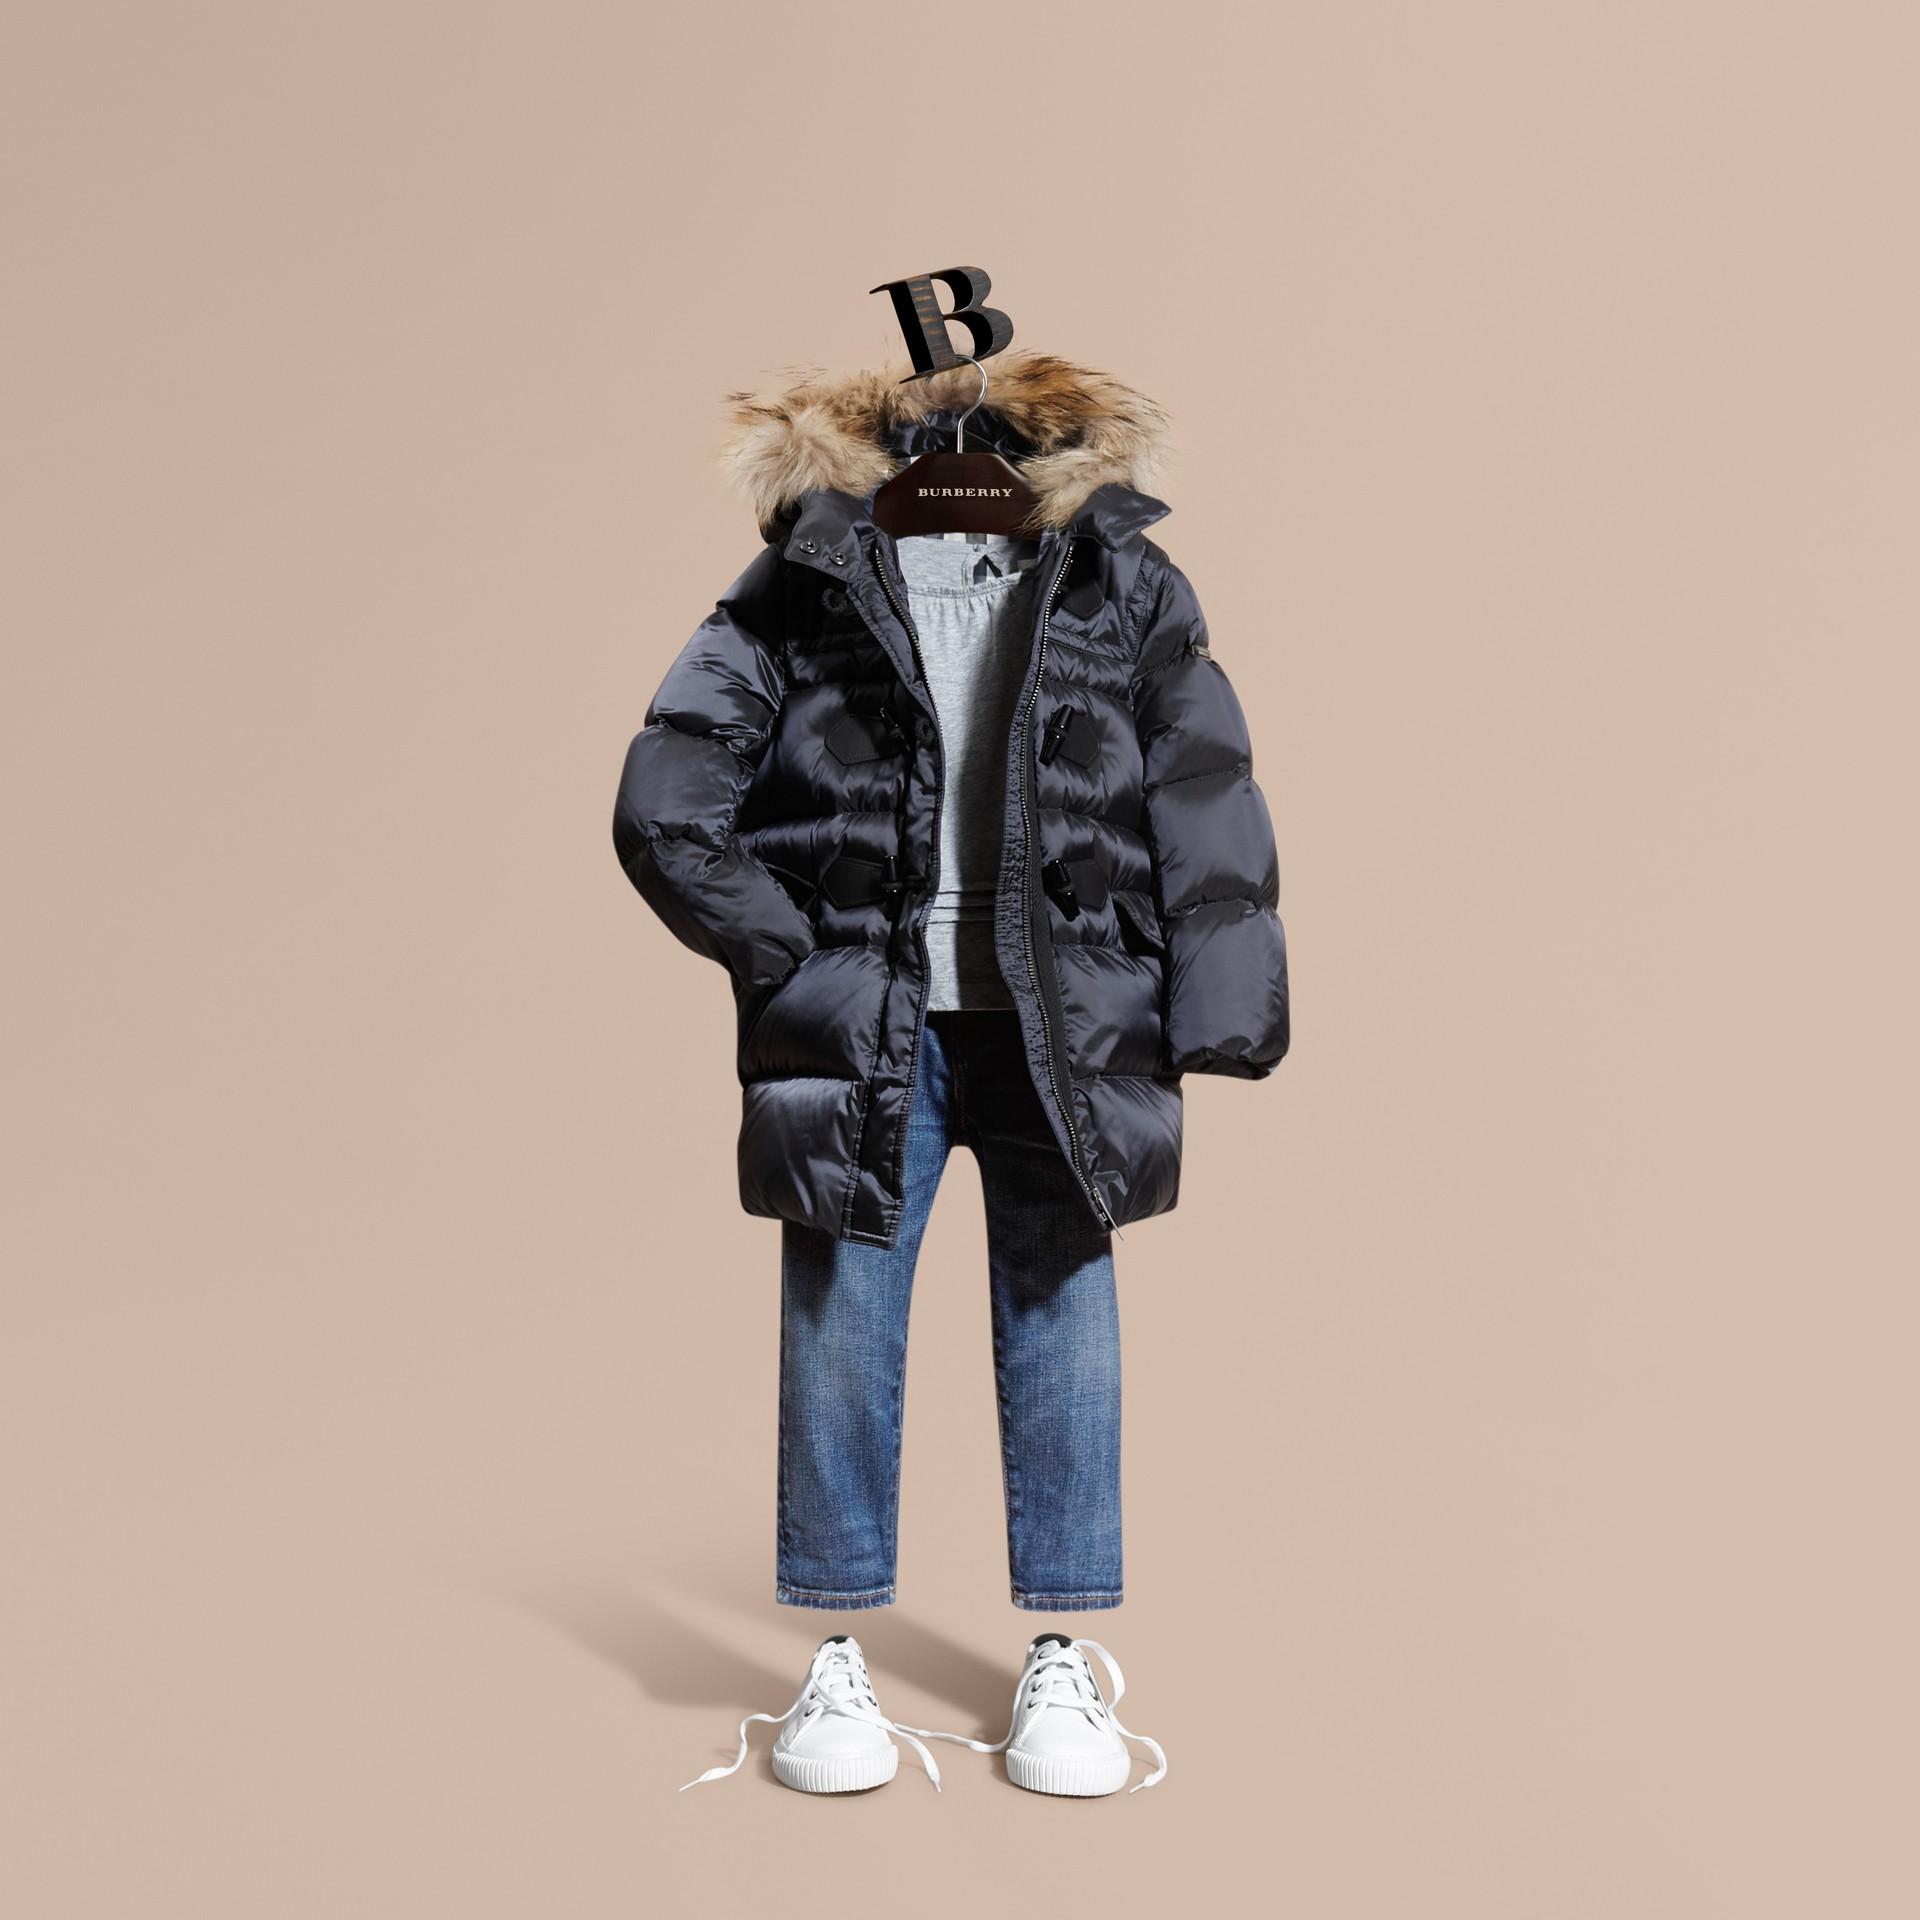 Manteau rembourré à capuche avec bordure en fourrure de raton laveur amovible - Fille | Burberry - photo de la galerie 1